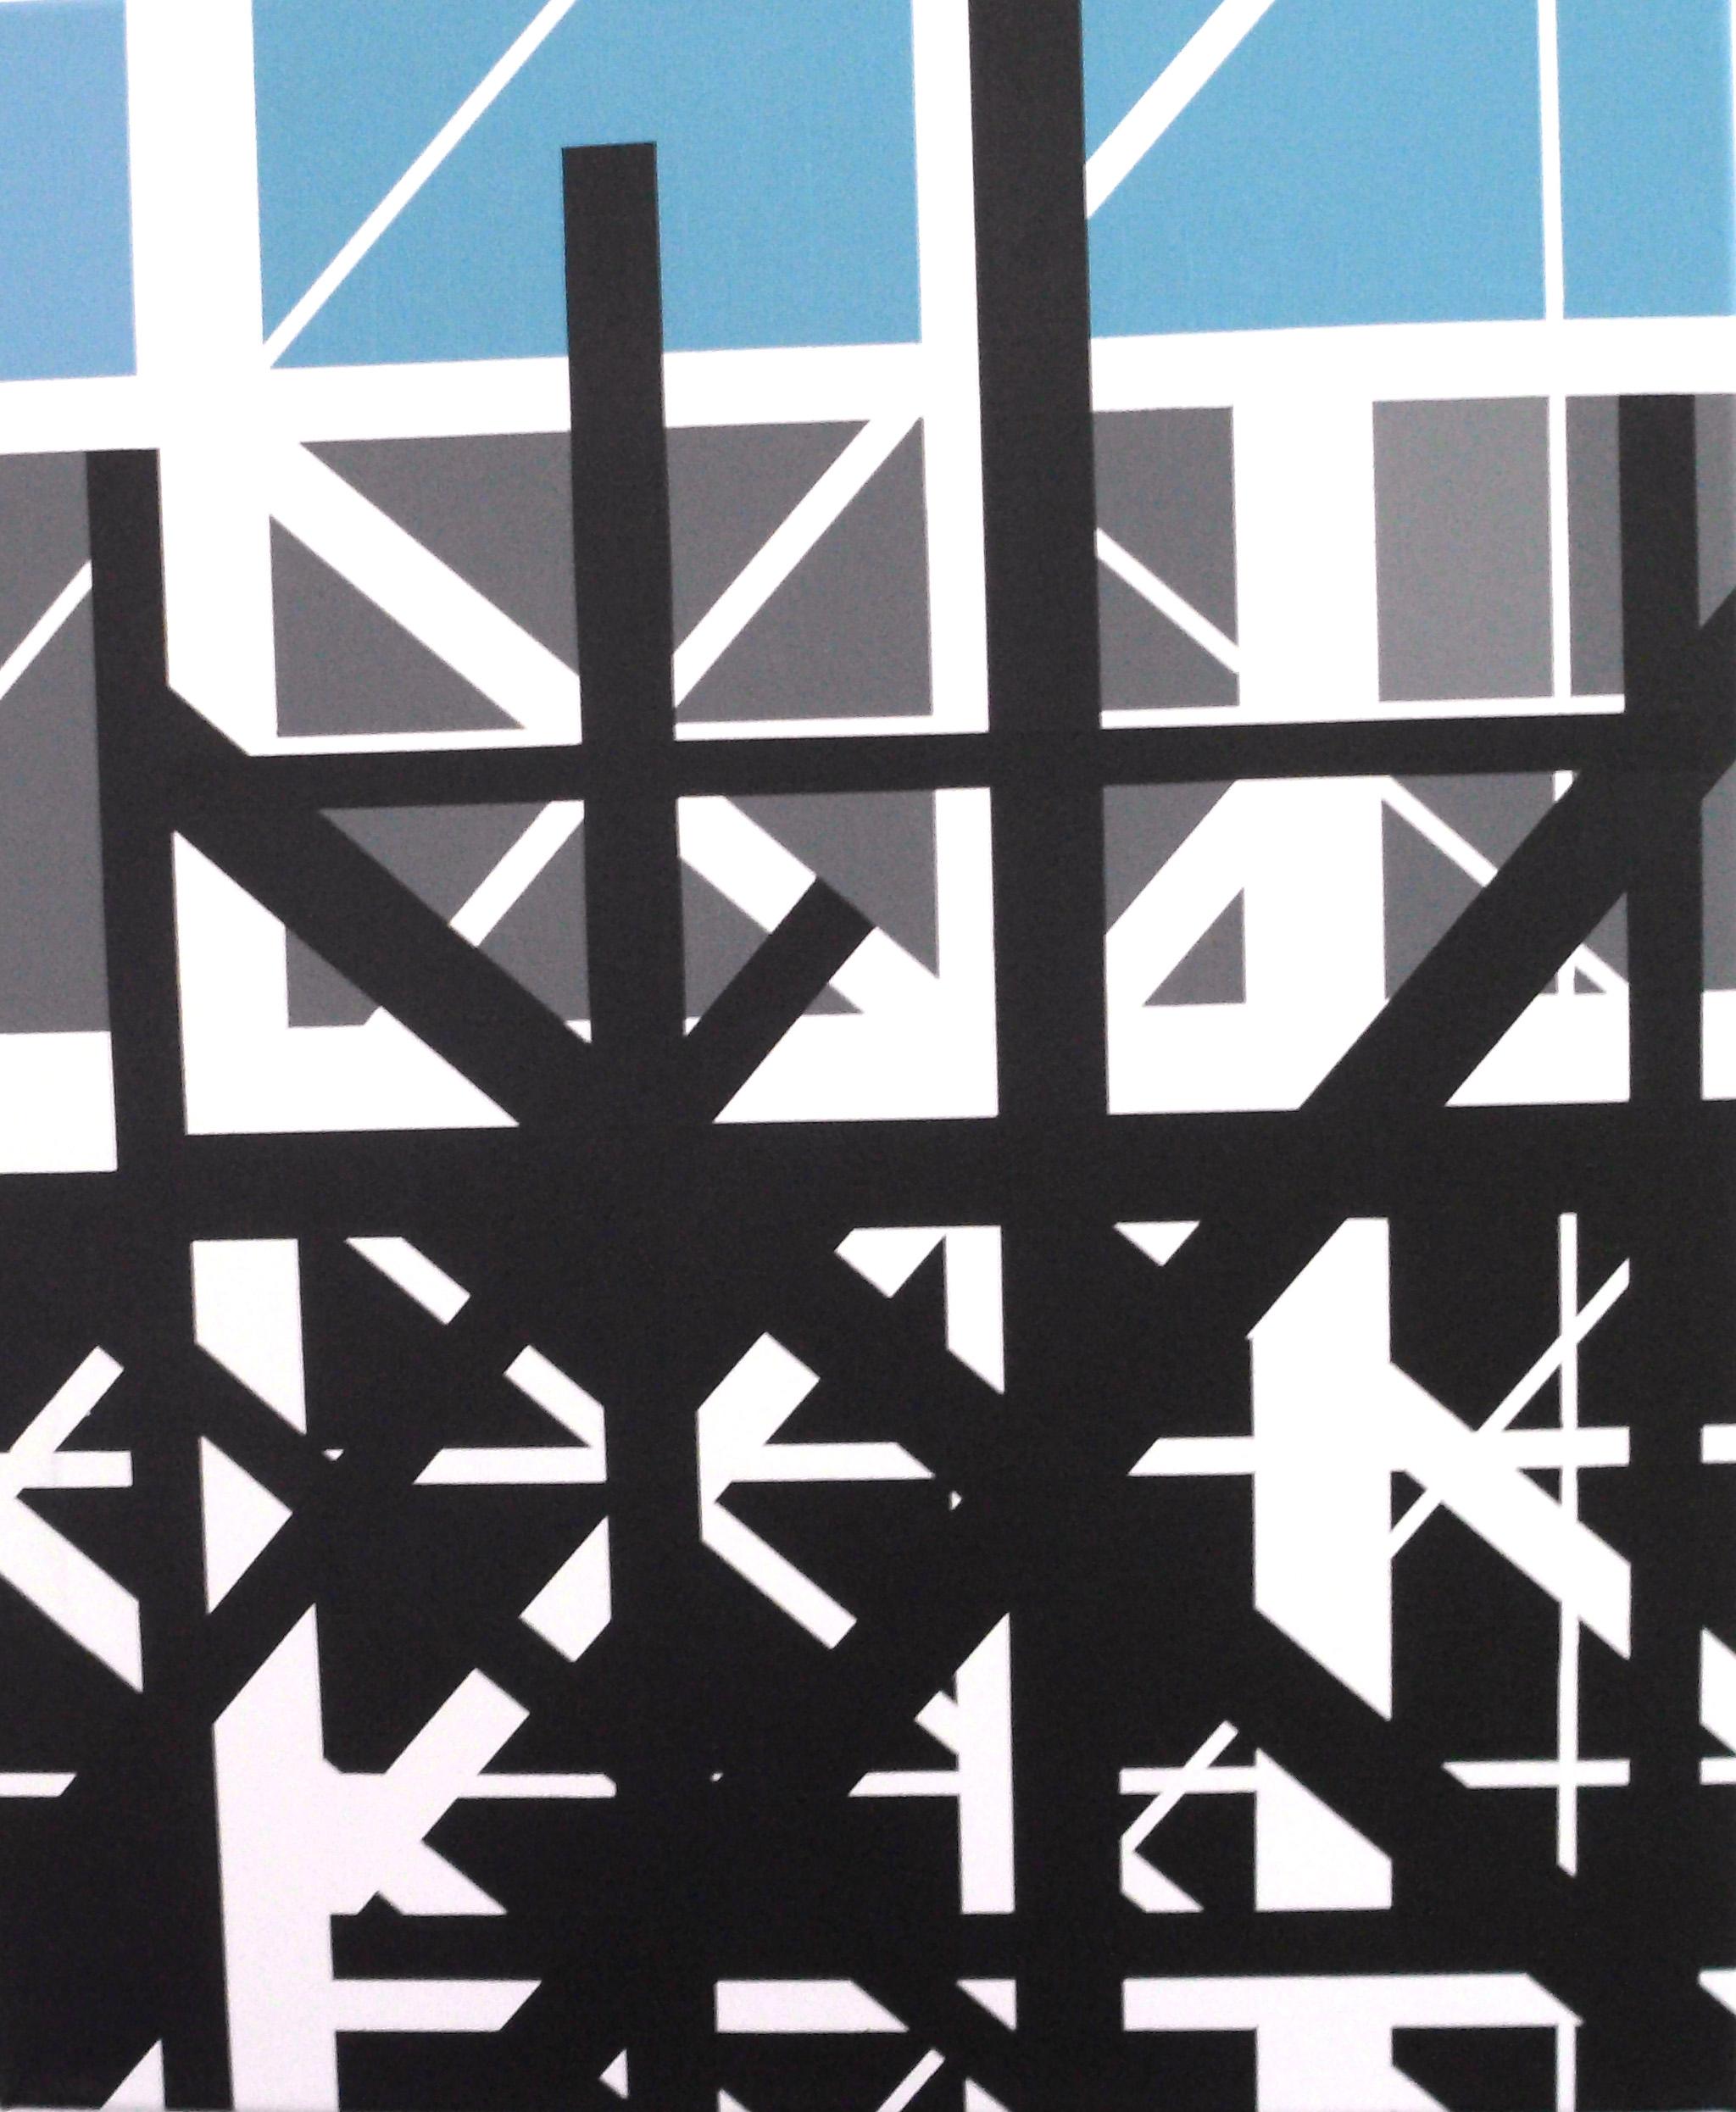 15-franz_tuertscher_-_linien-allianzen_nr-12_07-acryl_auf_leinwand-60x50-2012